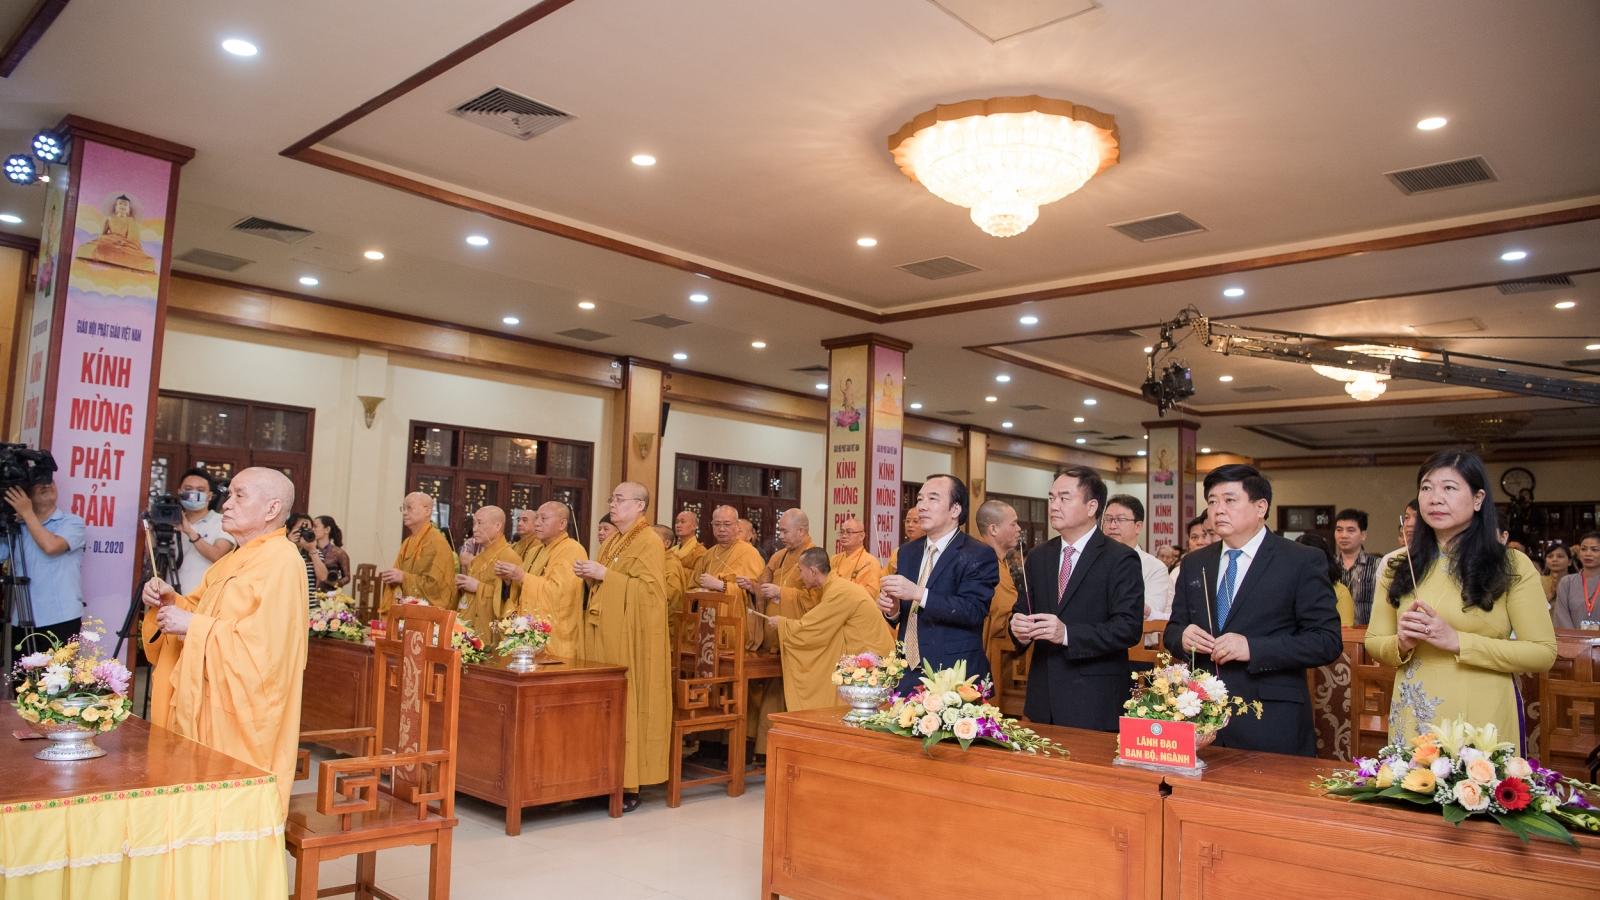 Toàn cảnh Đại lễ Phật đản 2020 tại chùa Quán Sứ, Hà Nội